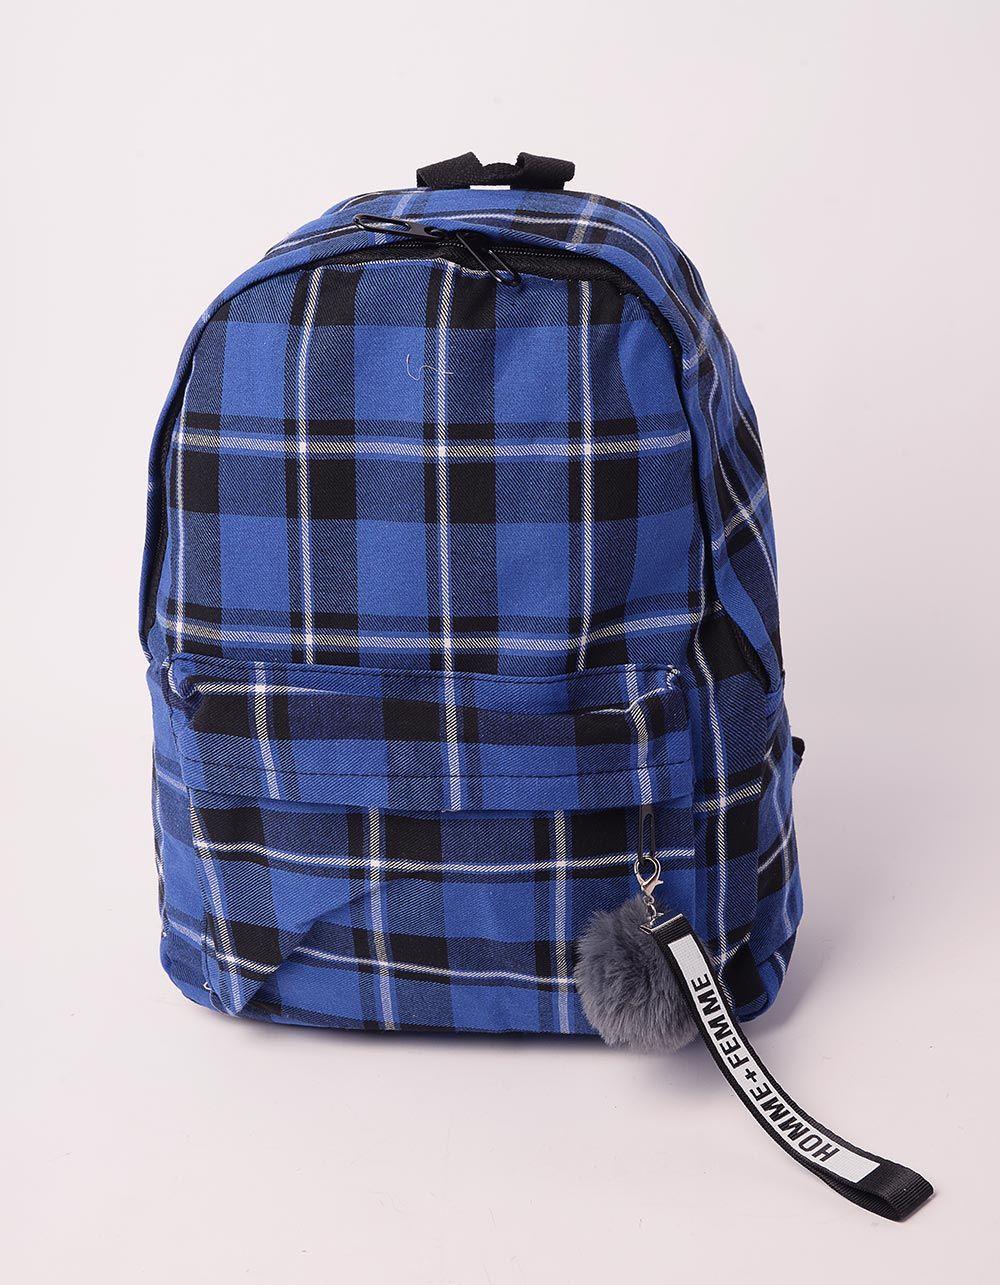 Рюкзак у клітинку з хутряним брелоком на кишені | 238481-13-XX